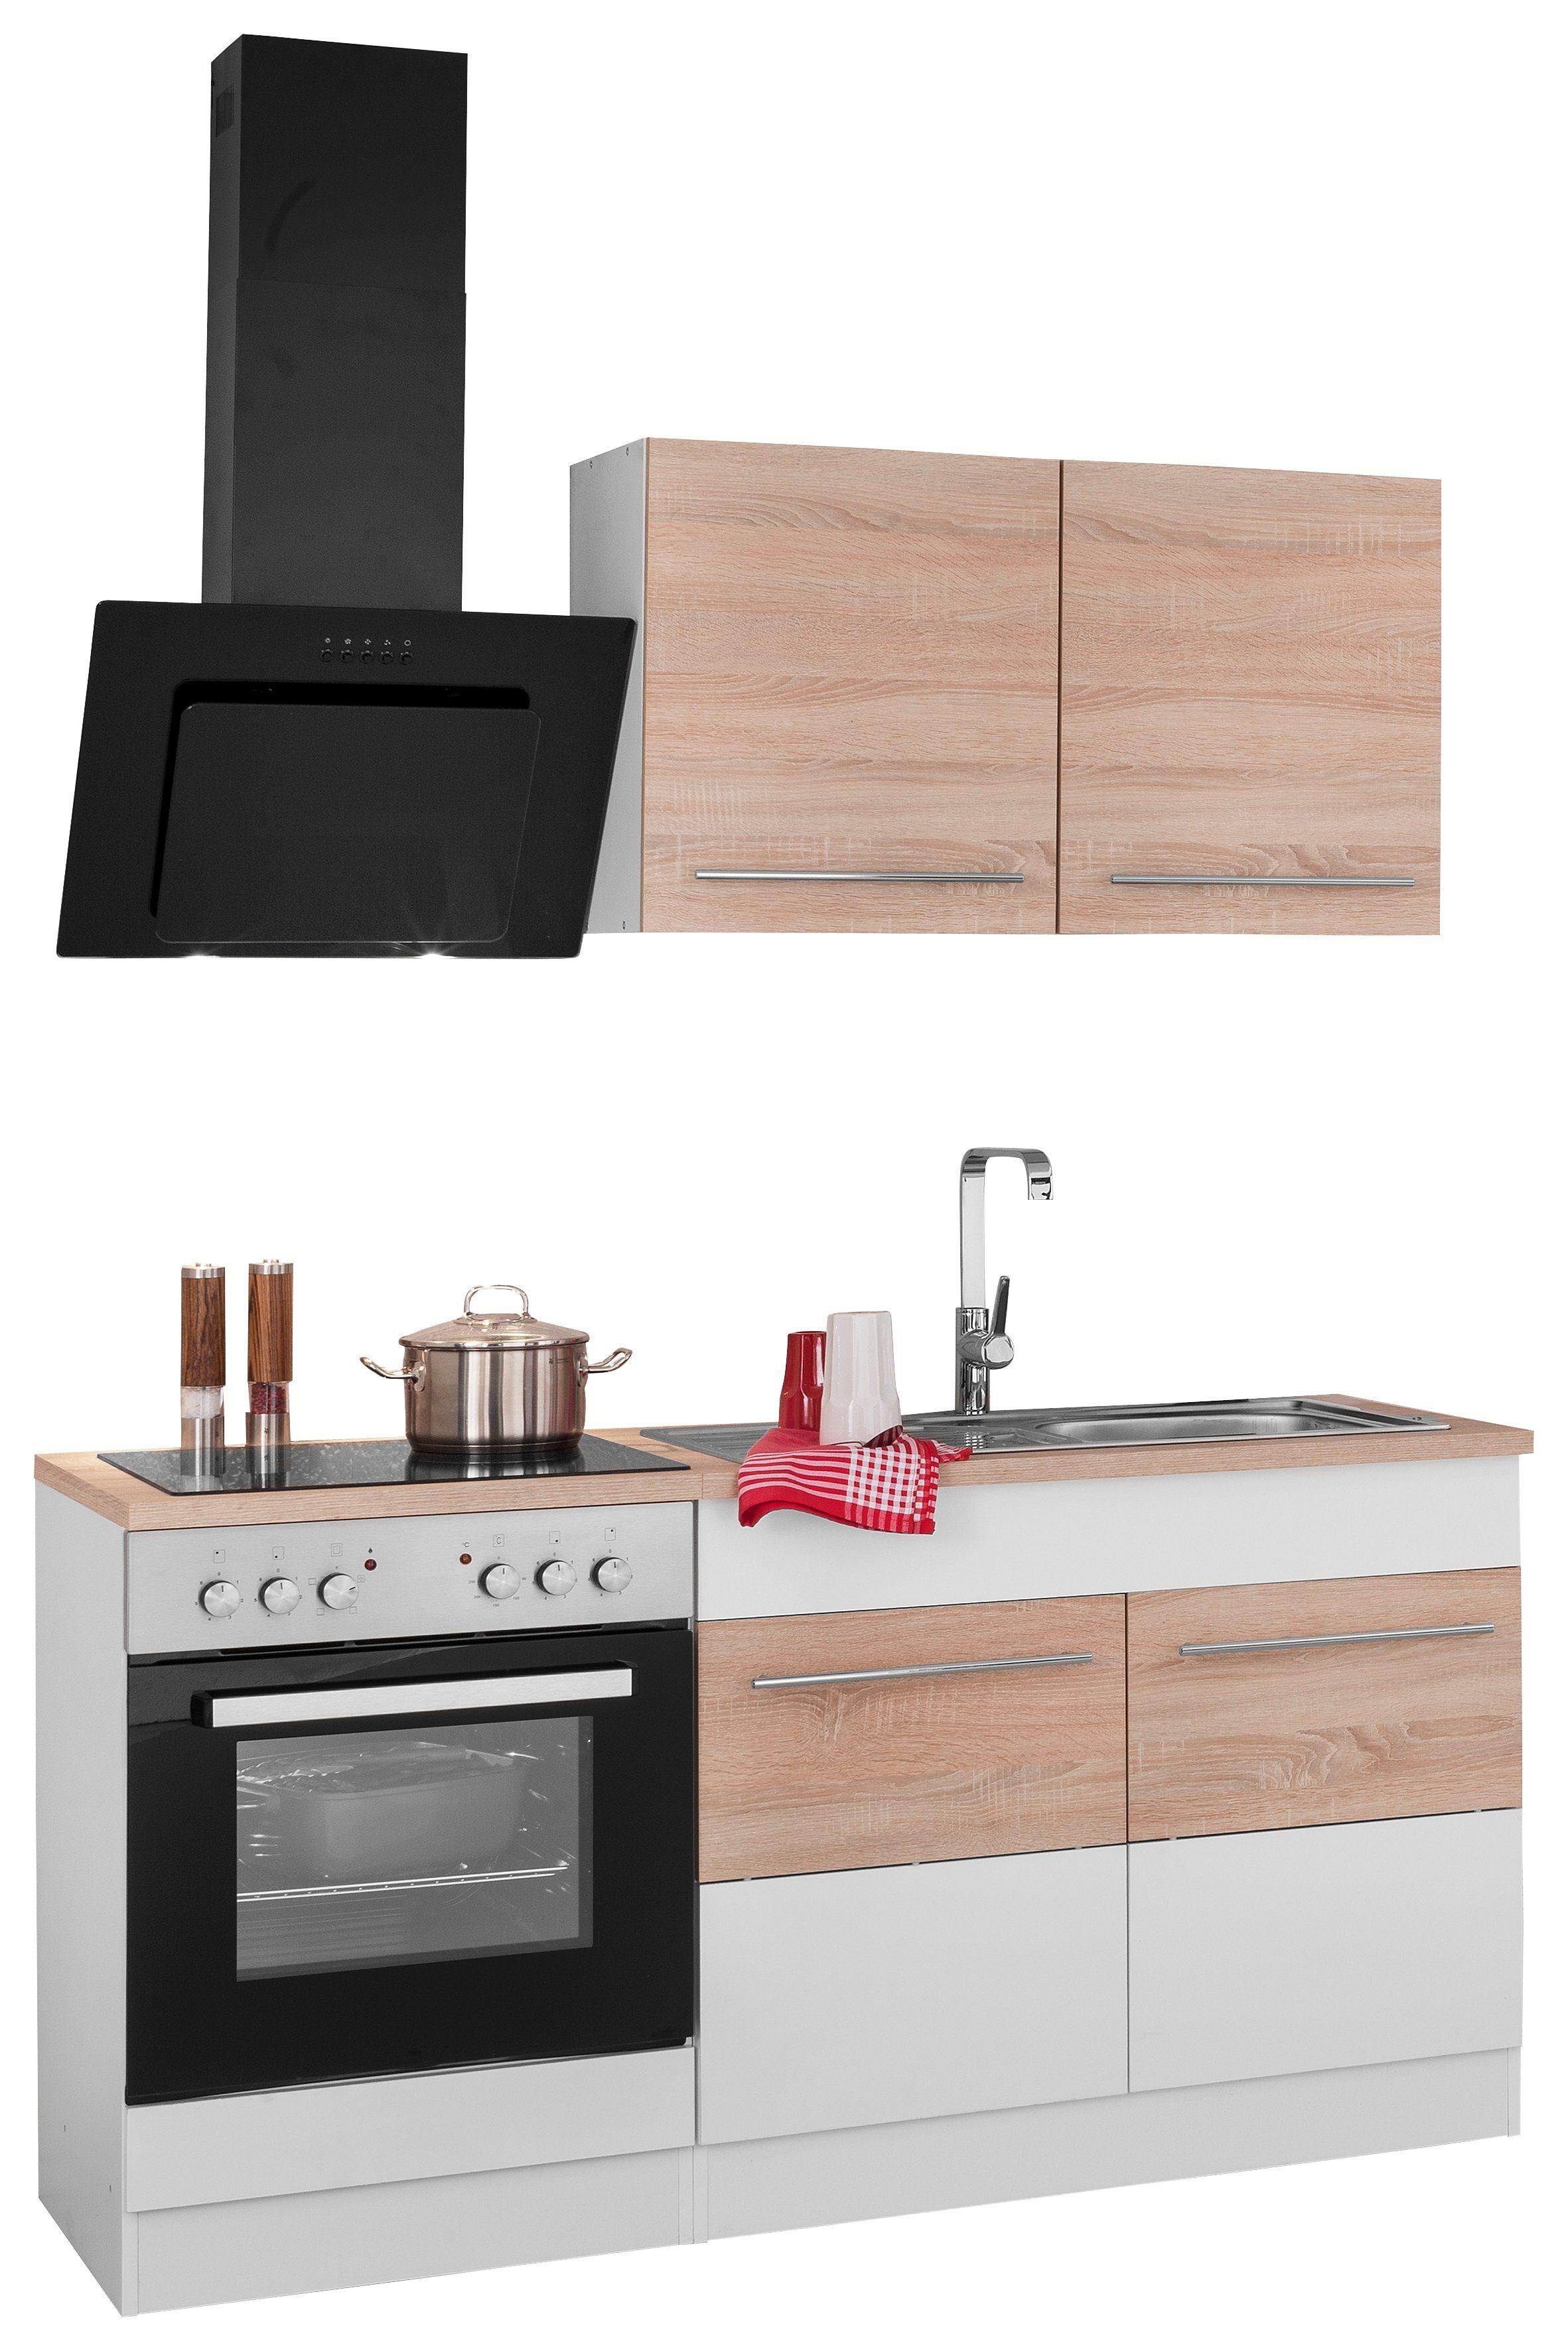 HELD MÖBEL Küchenzeile mit E-Geräten »Trient«, Breite 160 cm